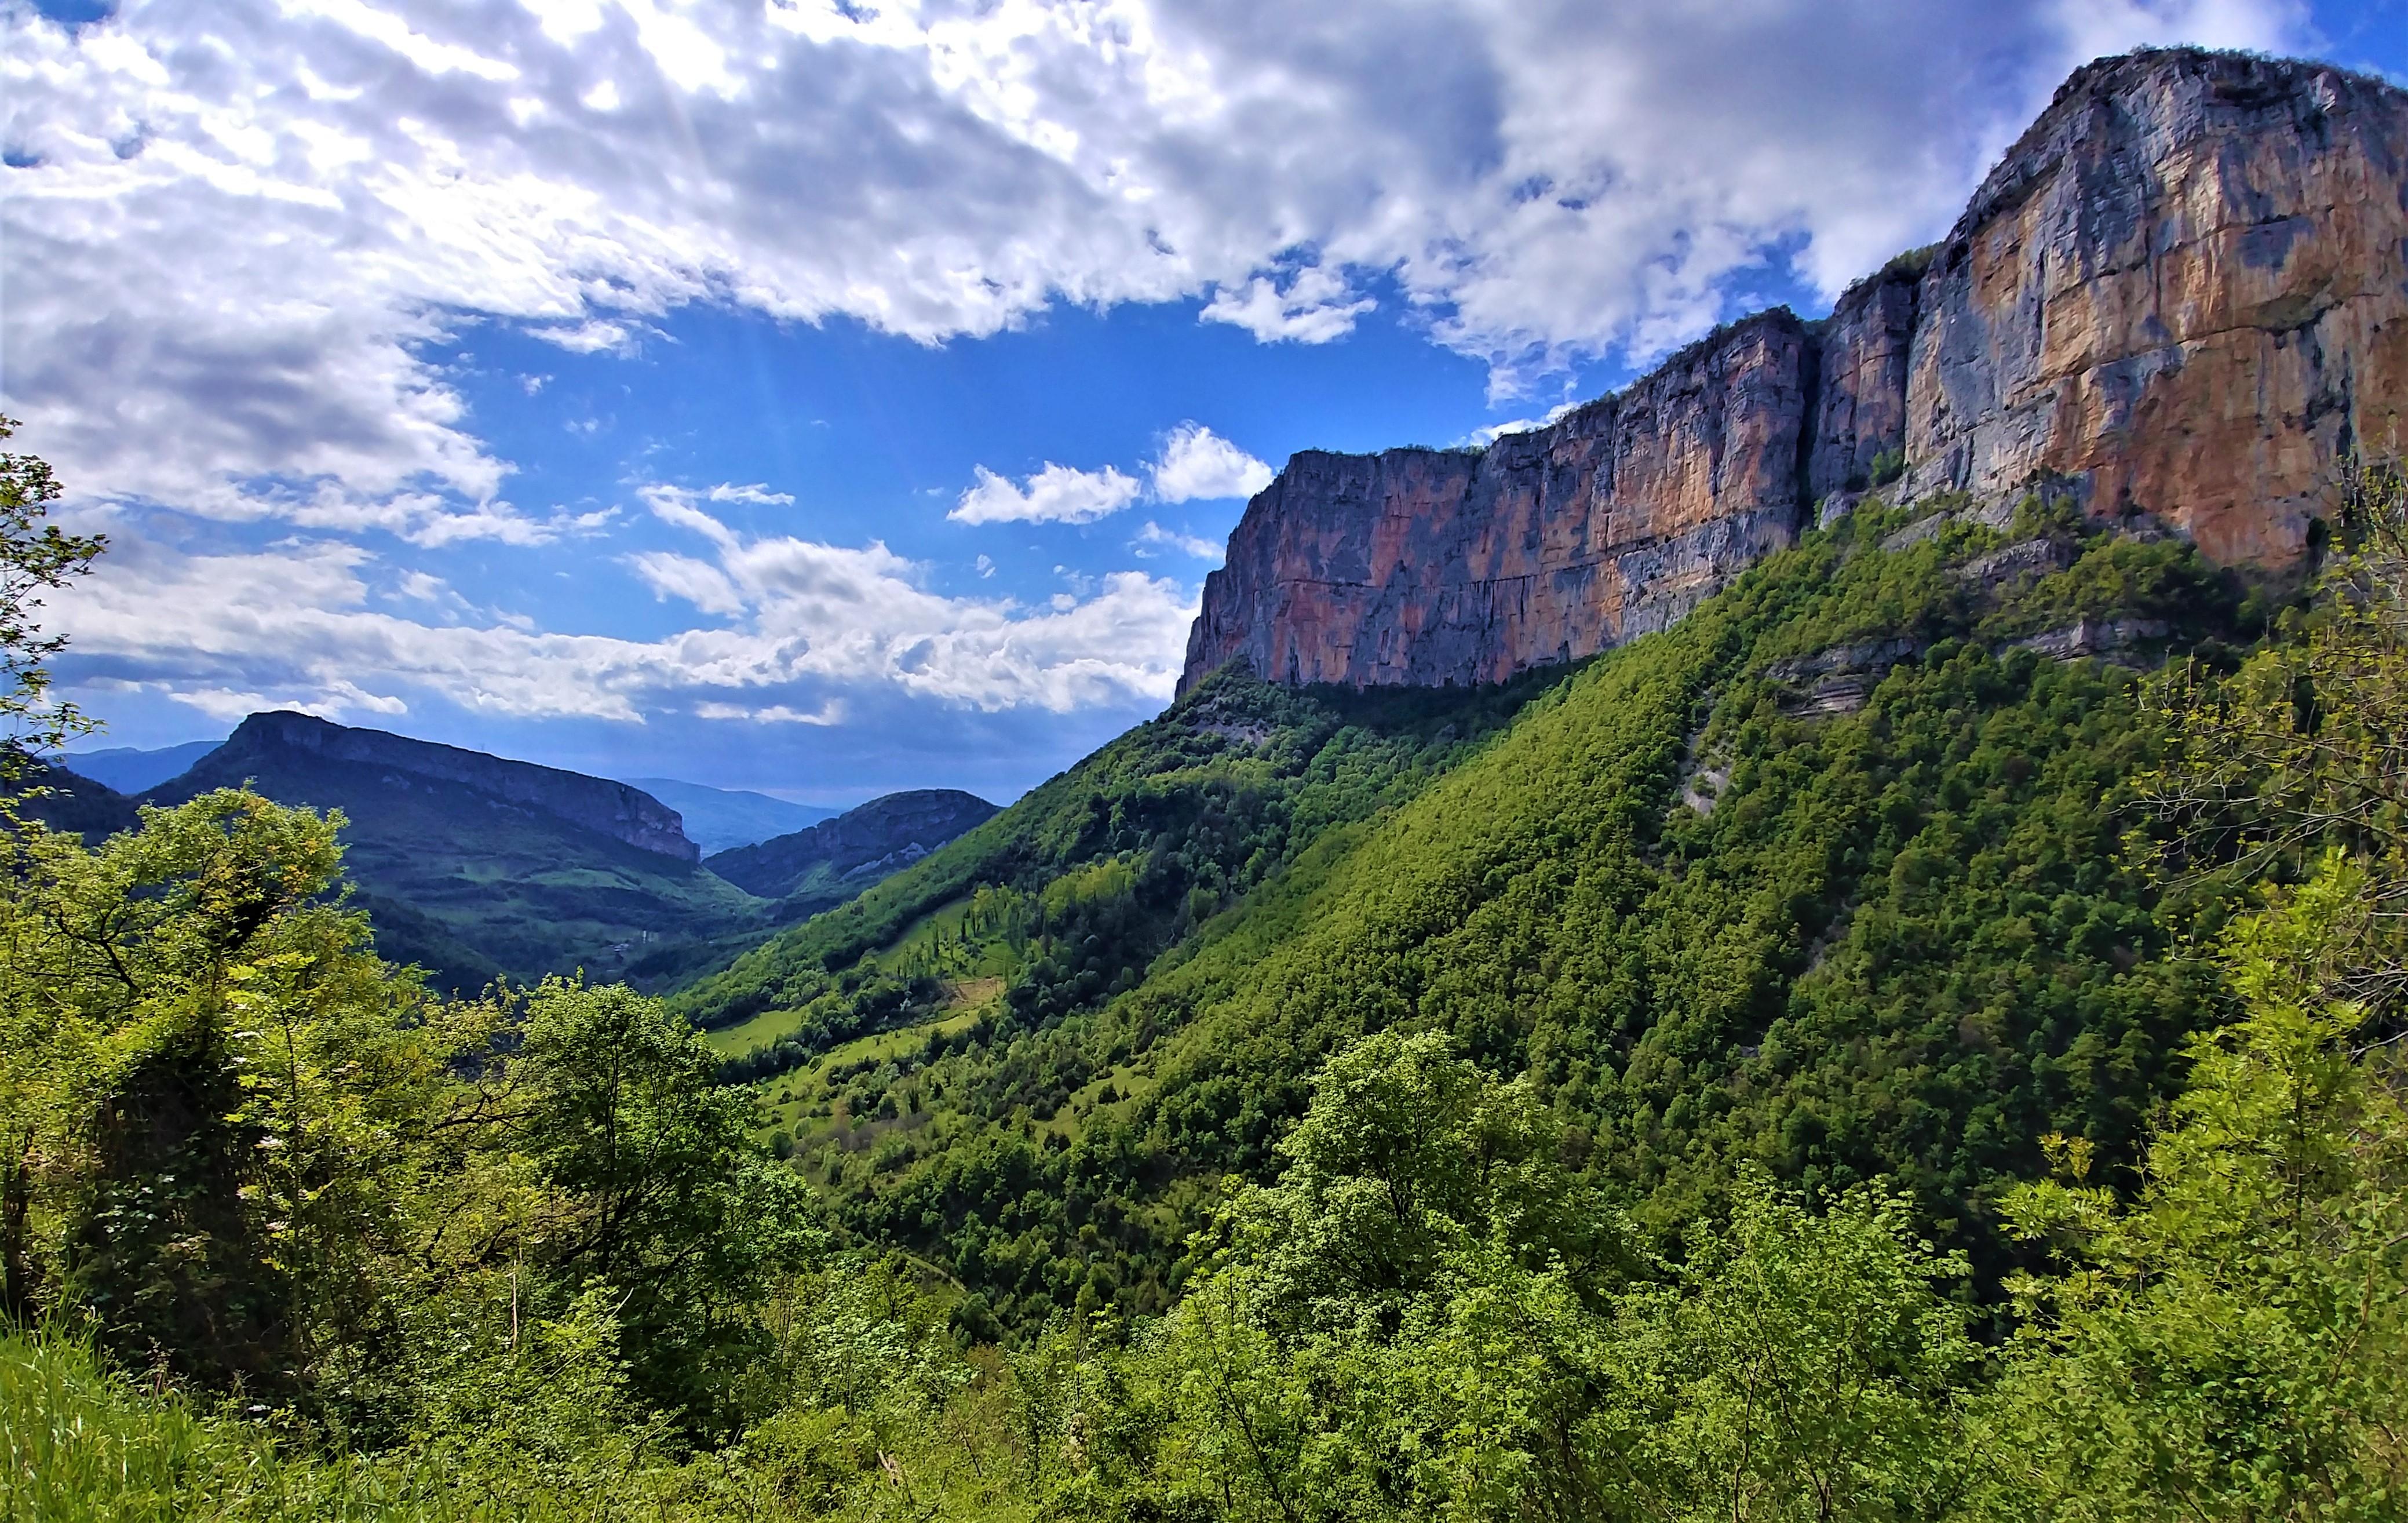 Vercors grotte de choranche visiter panorama infos pratiques blog voyage france arpenter le chemin